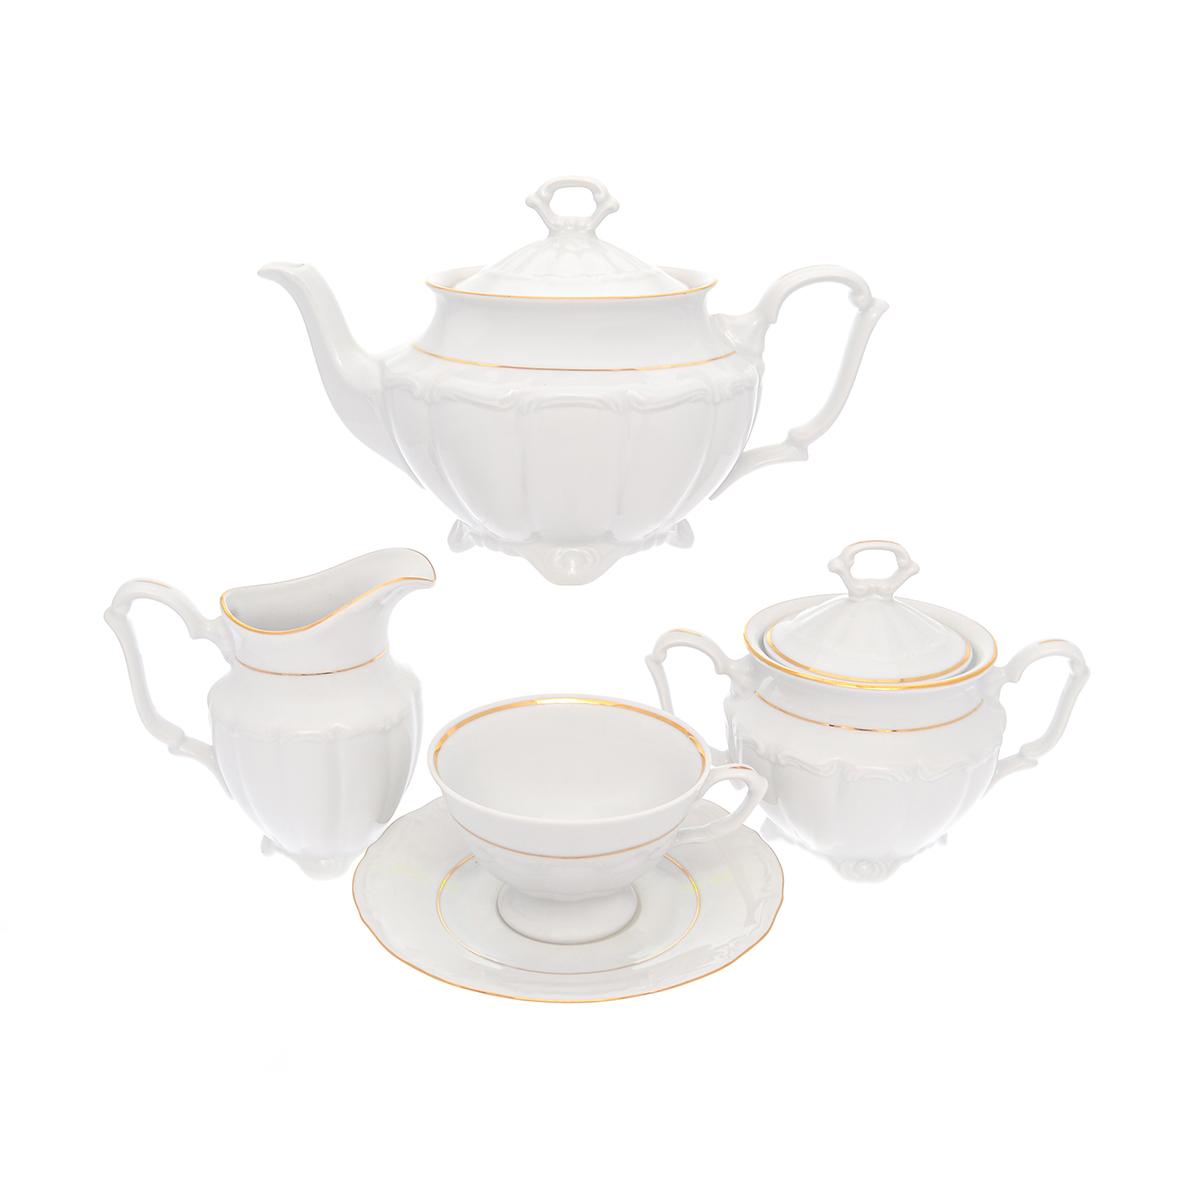 Чешский чайный сервиз КЛАССИКА (чашка классической формы) от Repast на 6 персон, 15 предметов